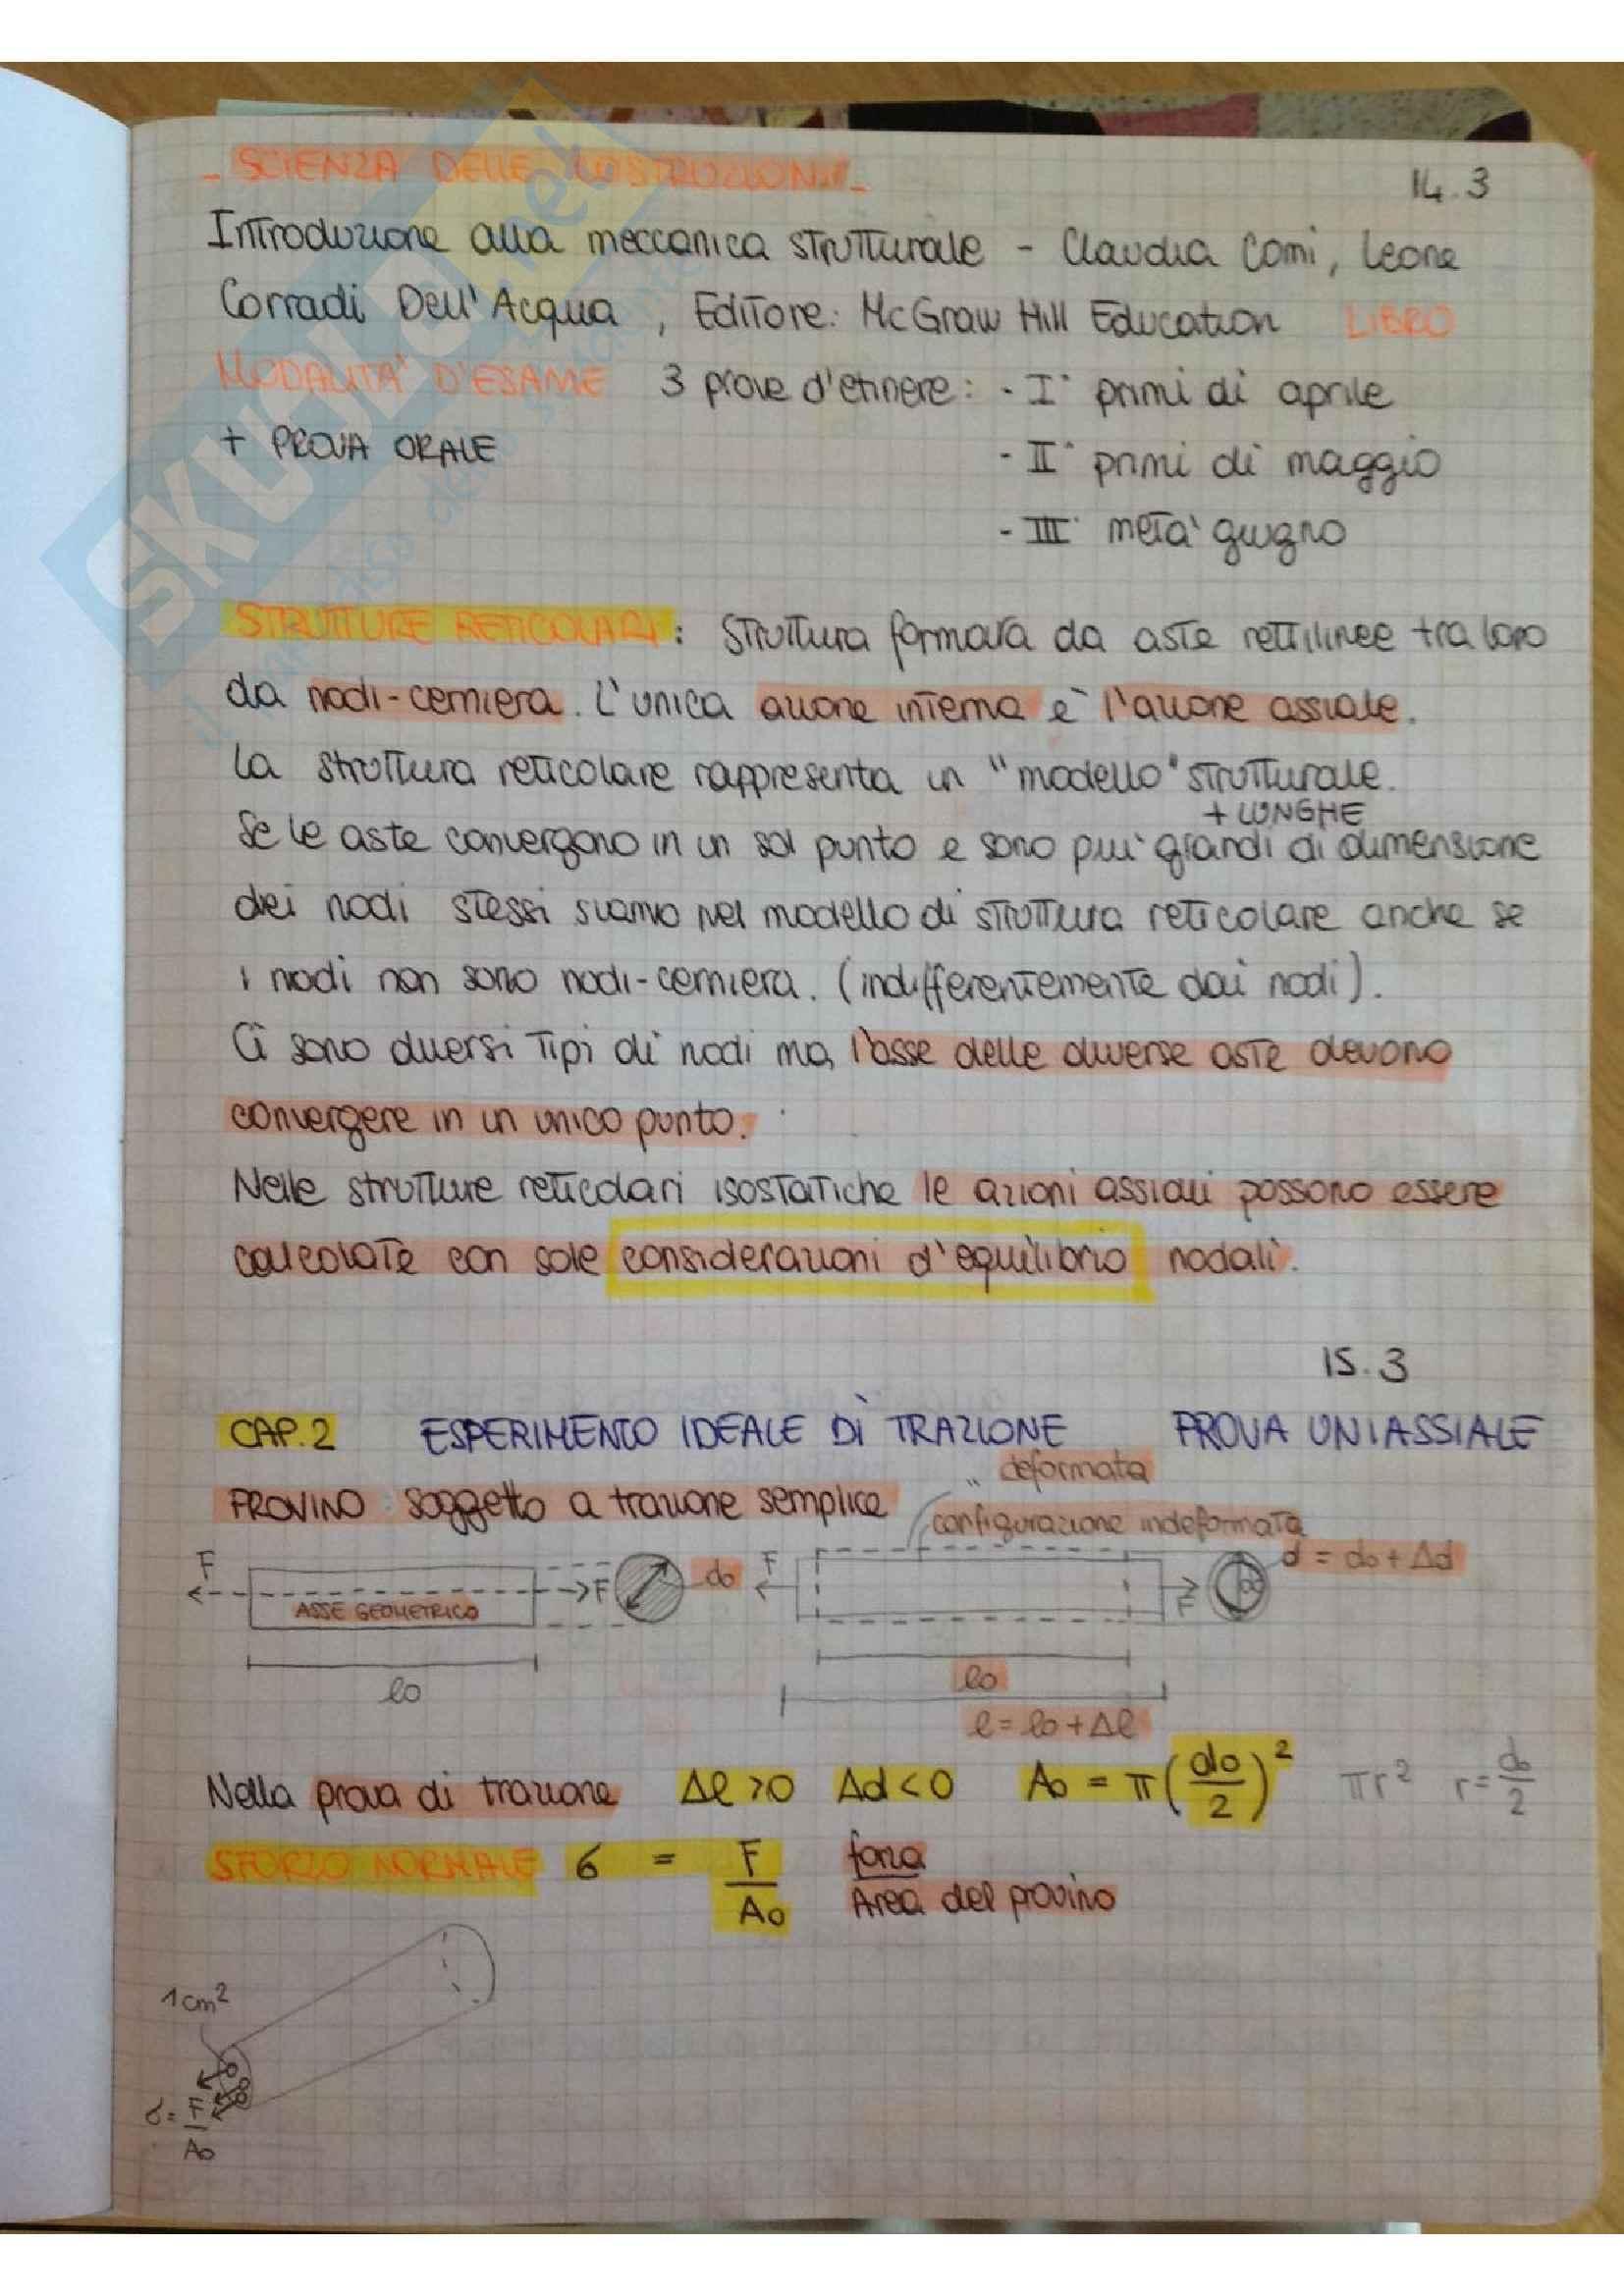 Scienza delle costruzioni, appunti ed esercitazioni, preparazione completa all'esame